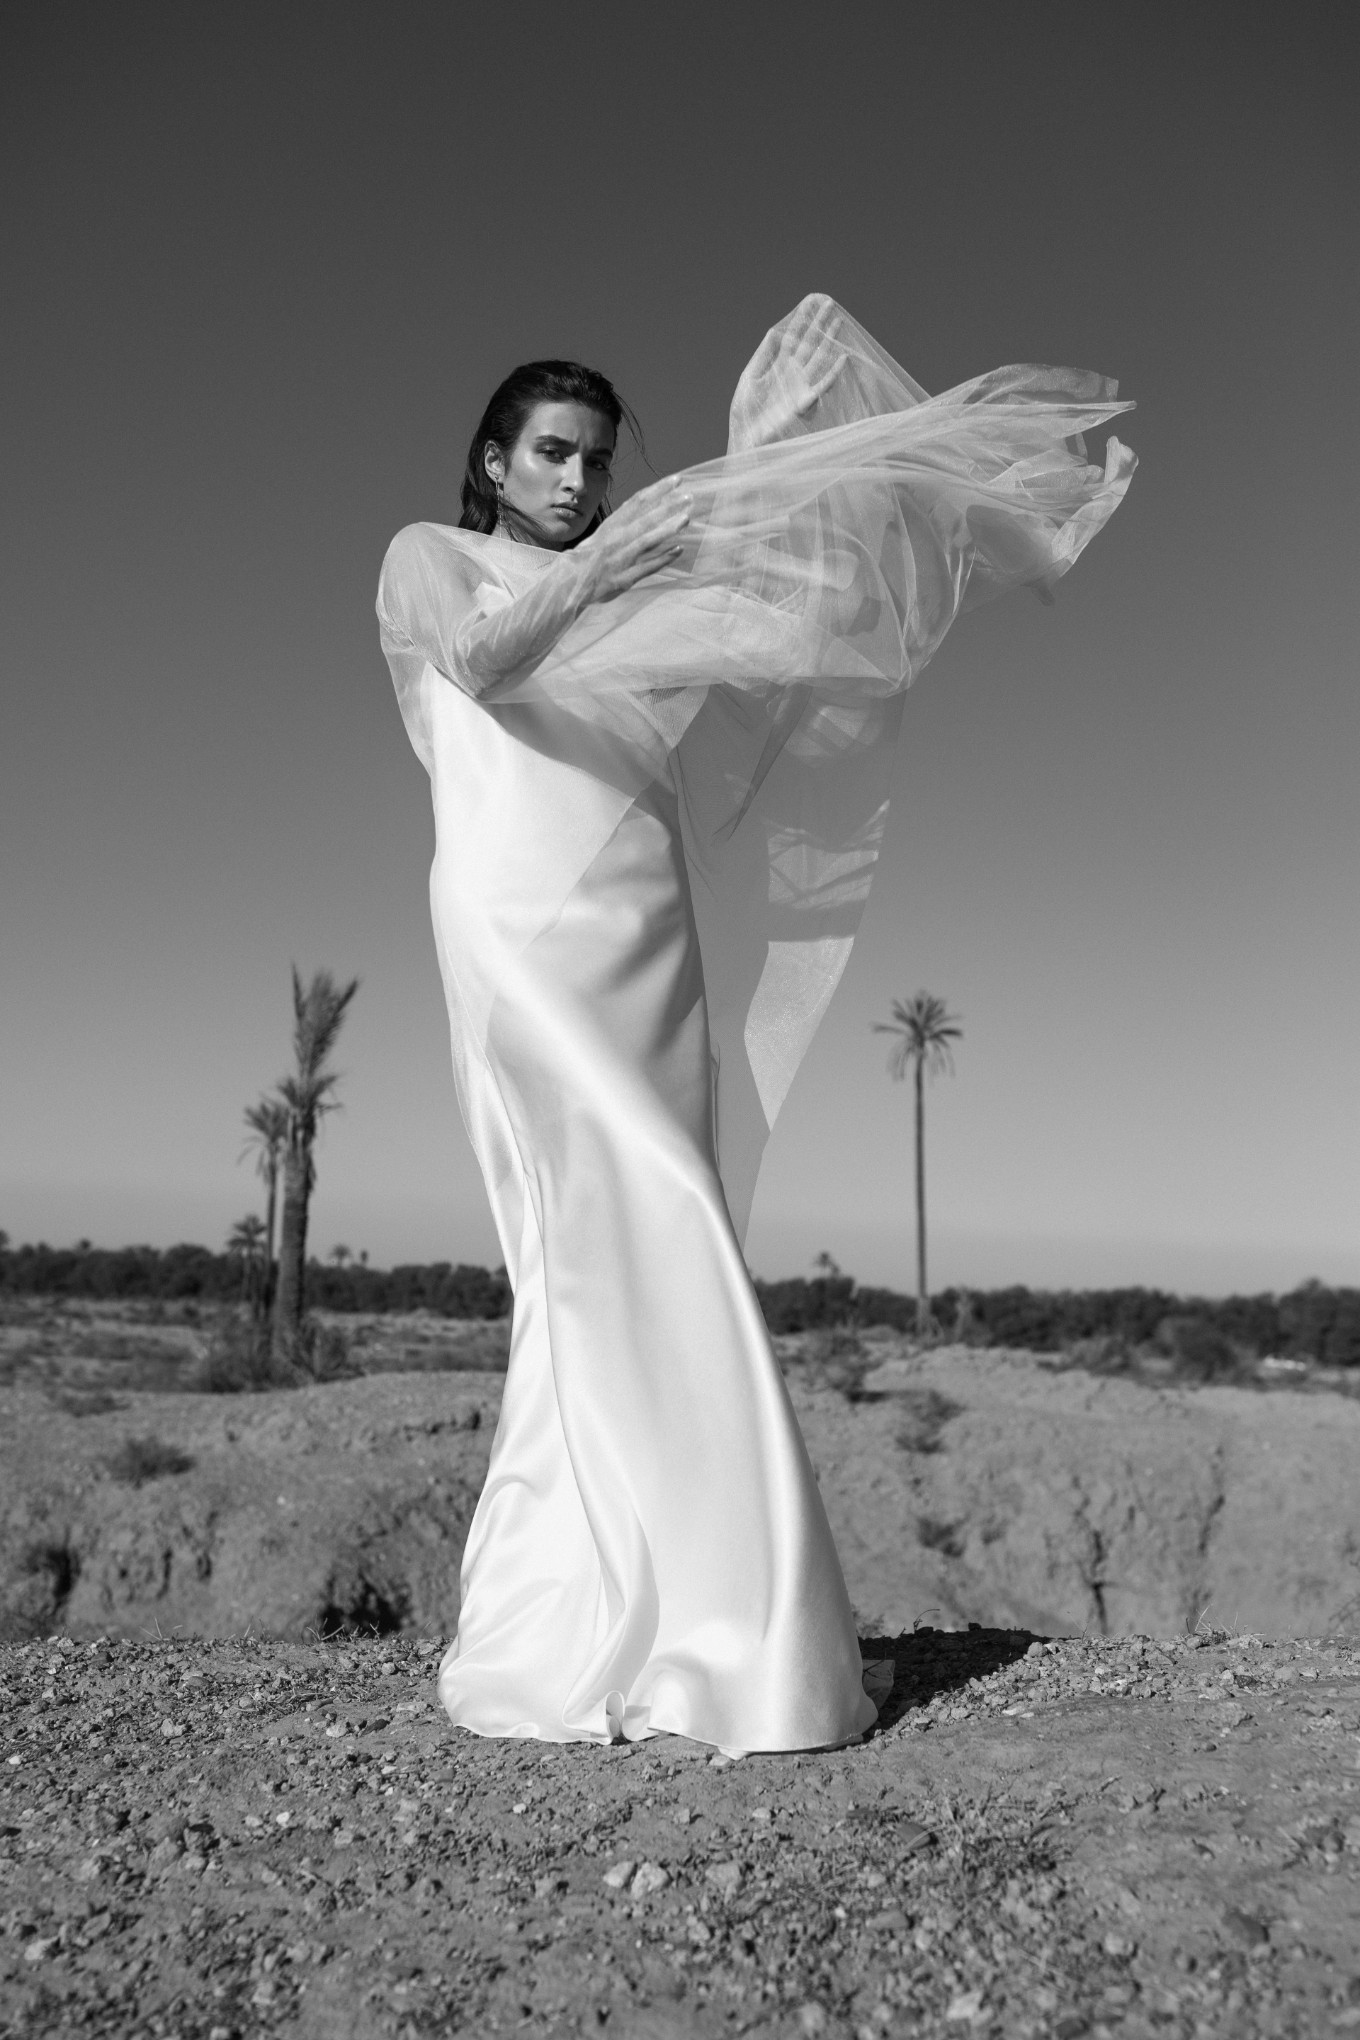 The-Saums-Marrakech-Editorial-12.jpg